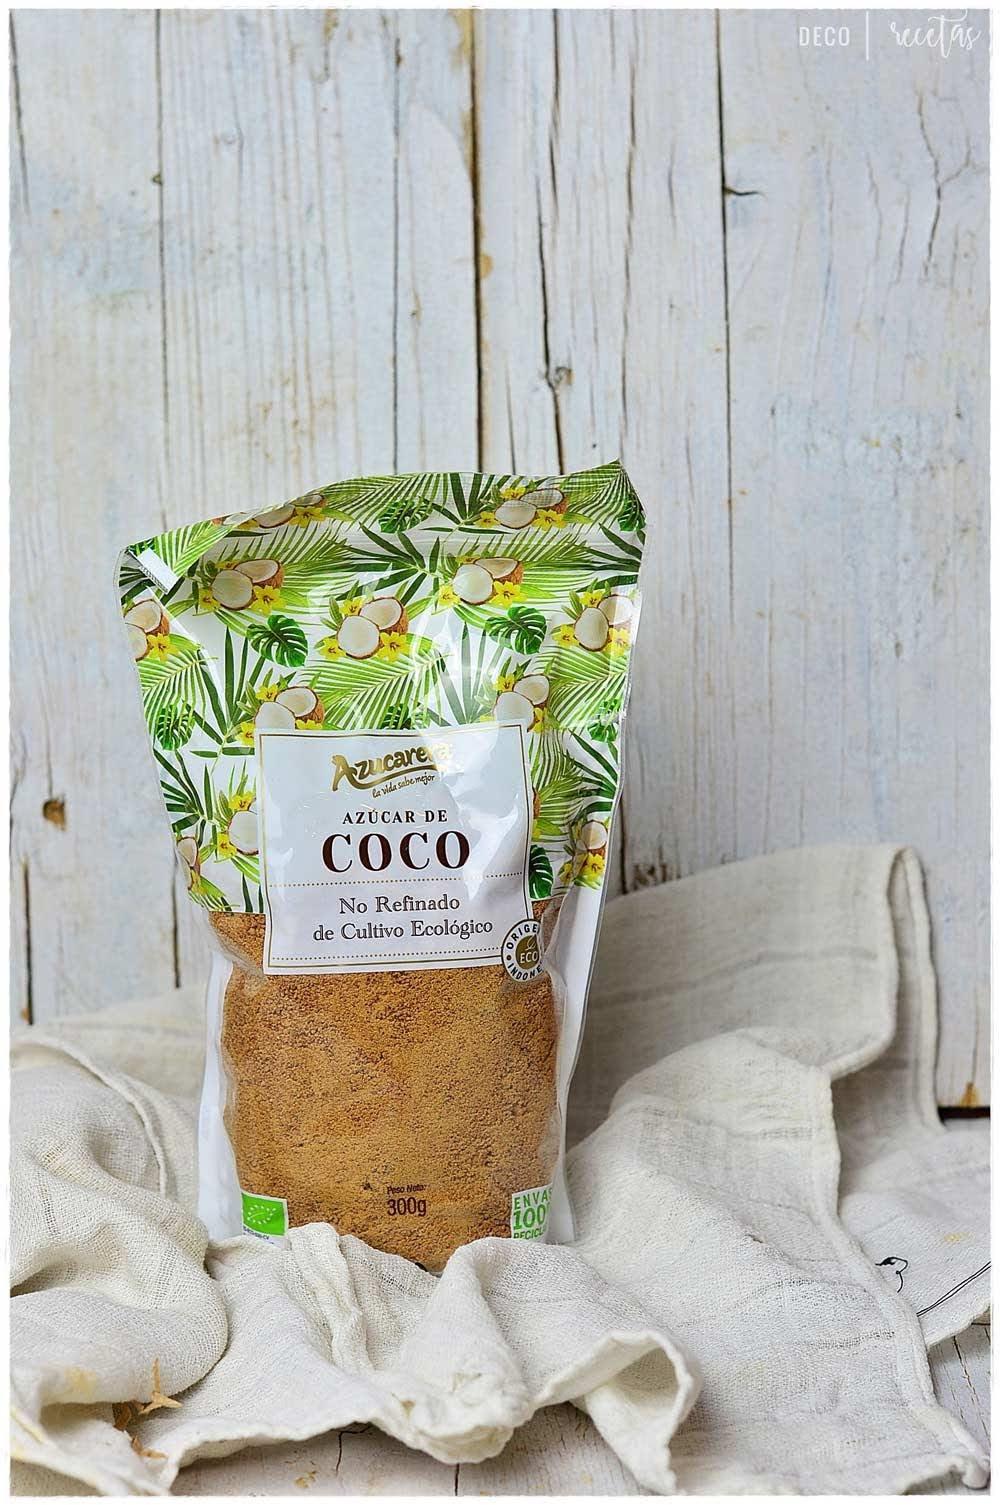 azúcar de coco degustabox noviembre 2020